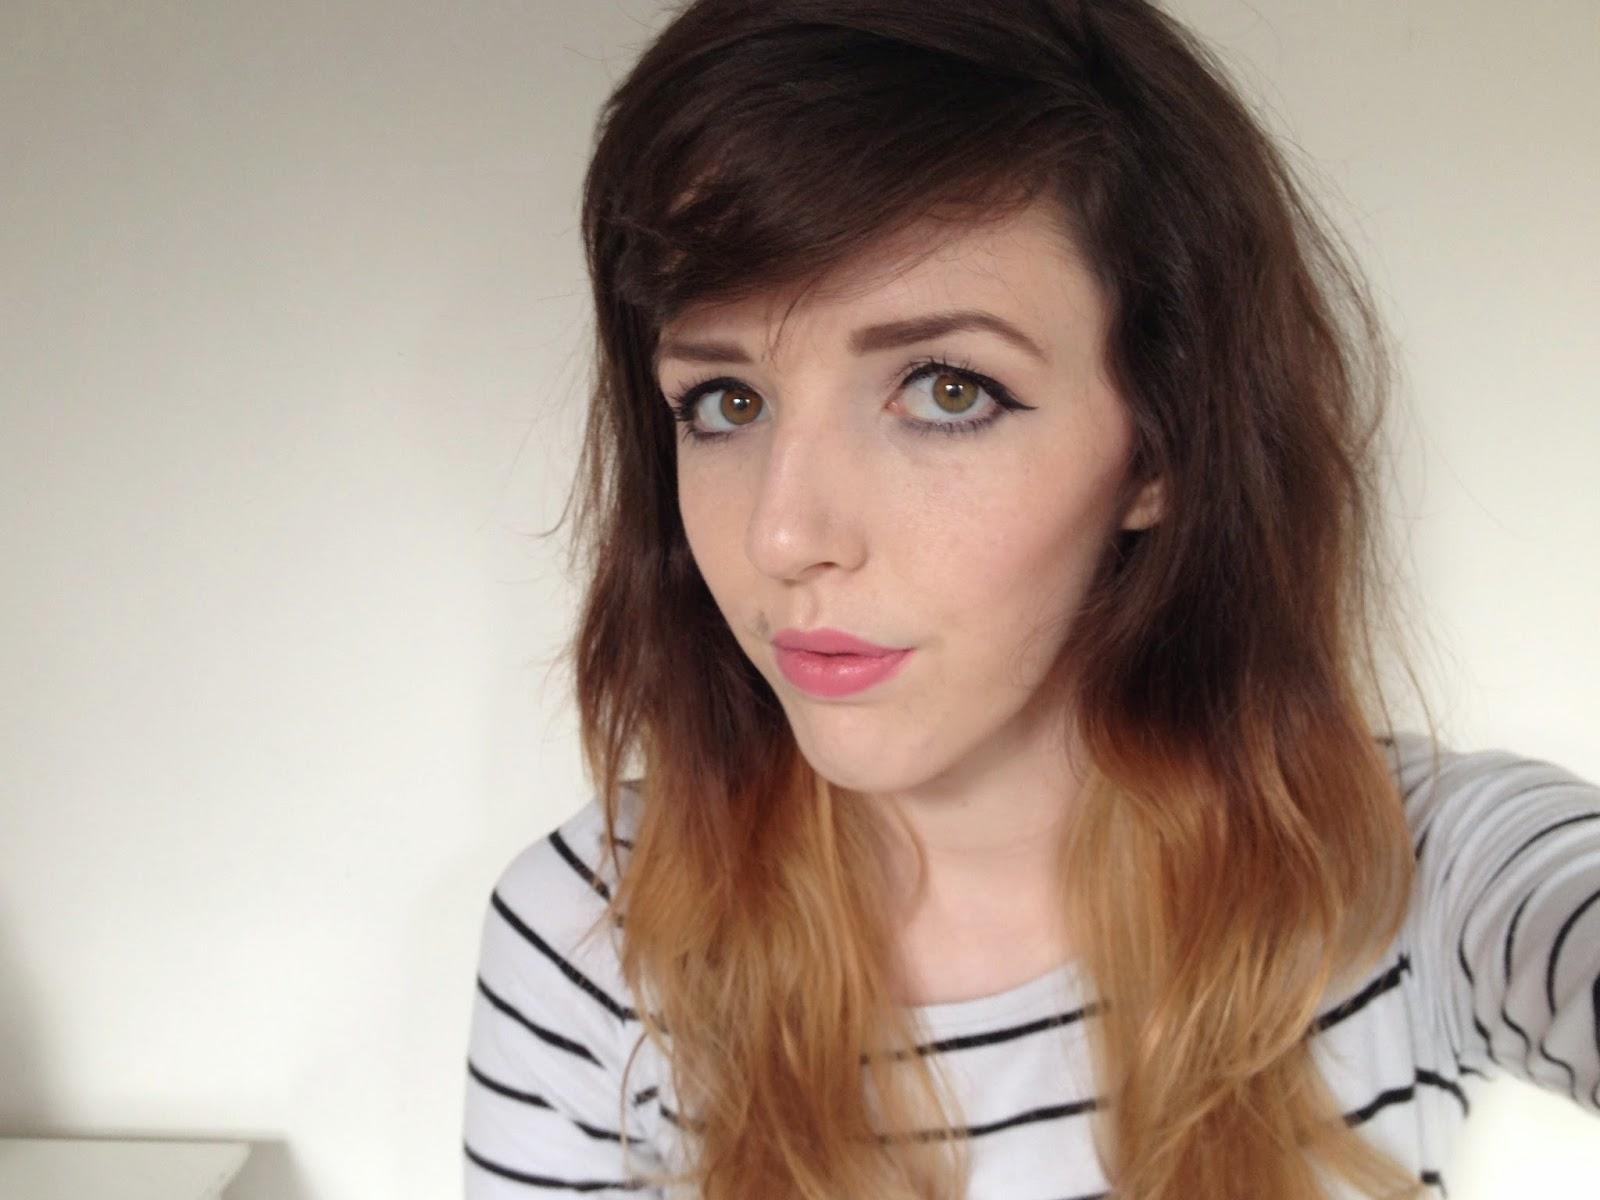 UK lifestyle blogger UK beauty blogger review swatch revlon colorburst matte balms elusive revlon balms lacquer matte